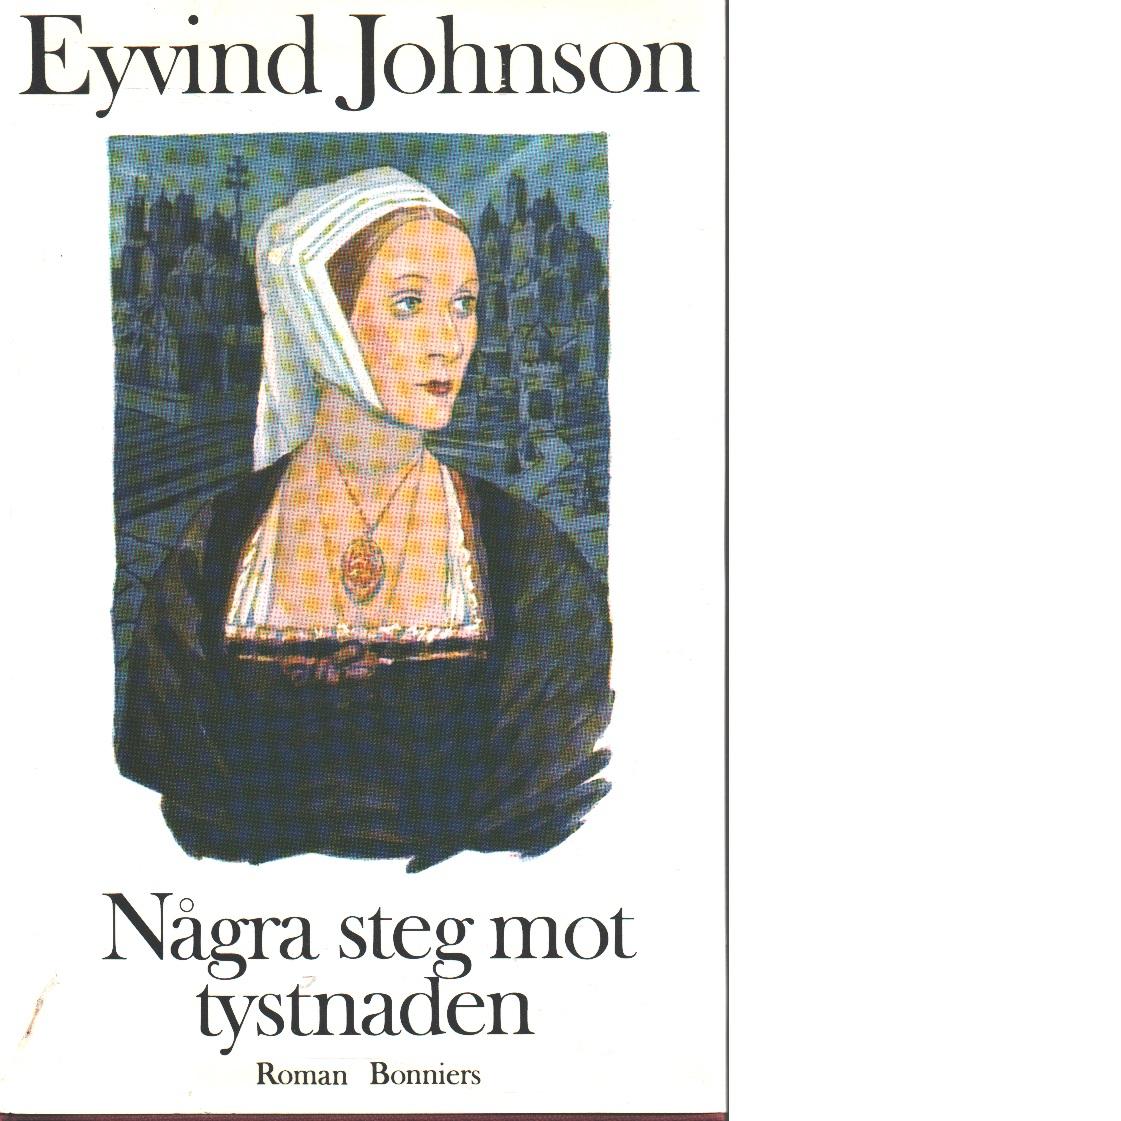 Några steg mot tystnaden : en roman om fångna - ohnson, Eyvind